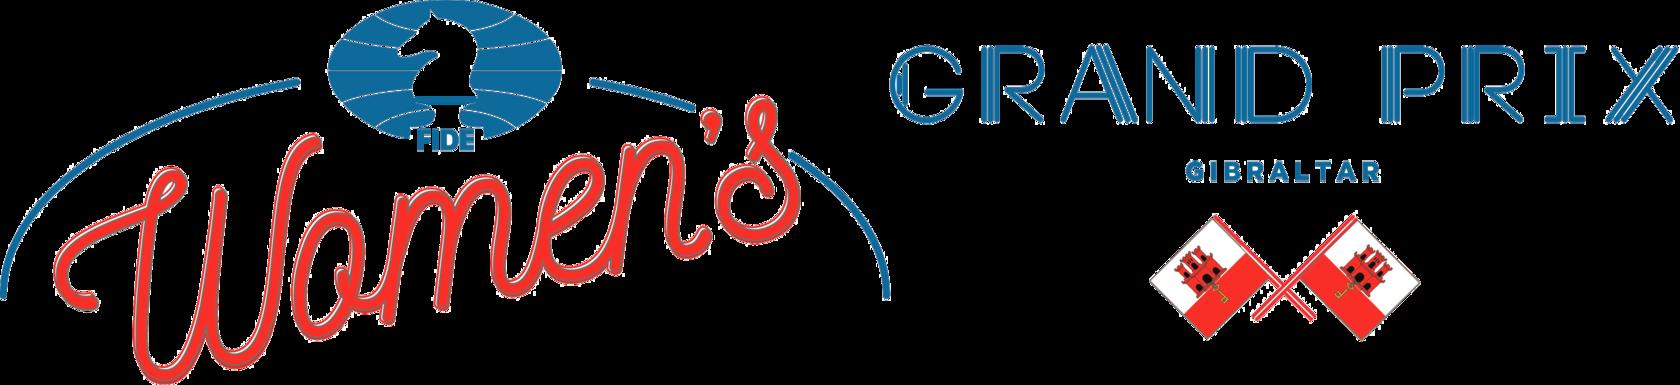 FIDE GRAND PRIX 2019